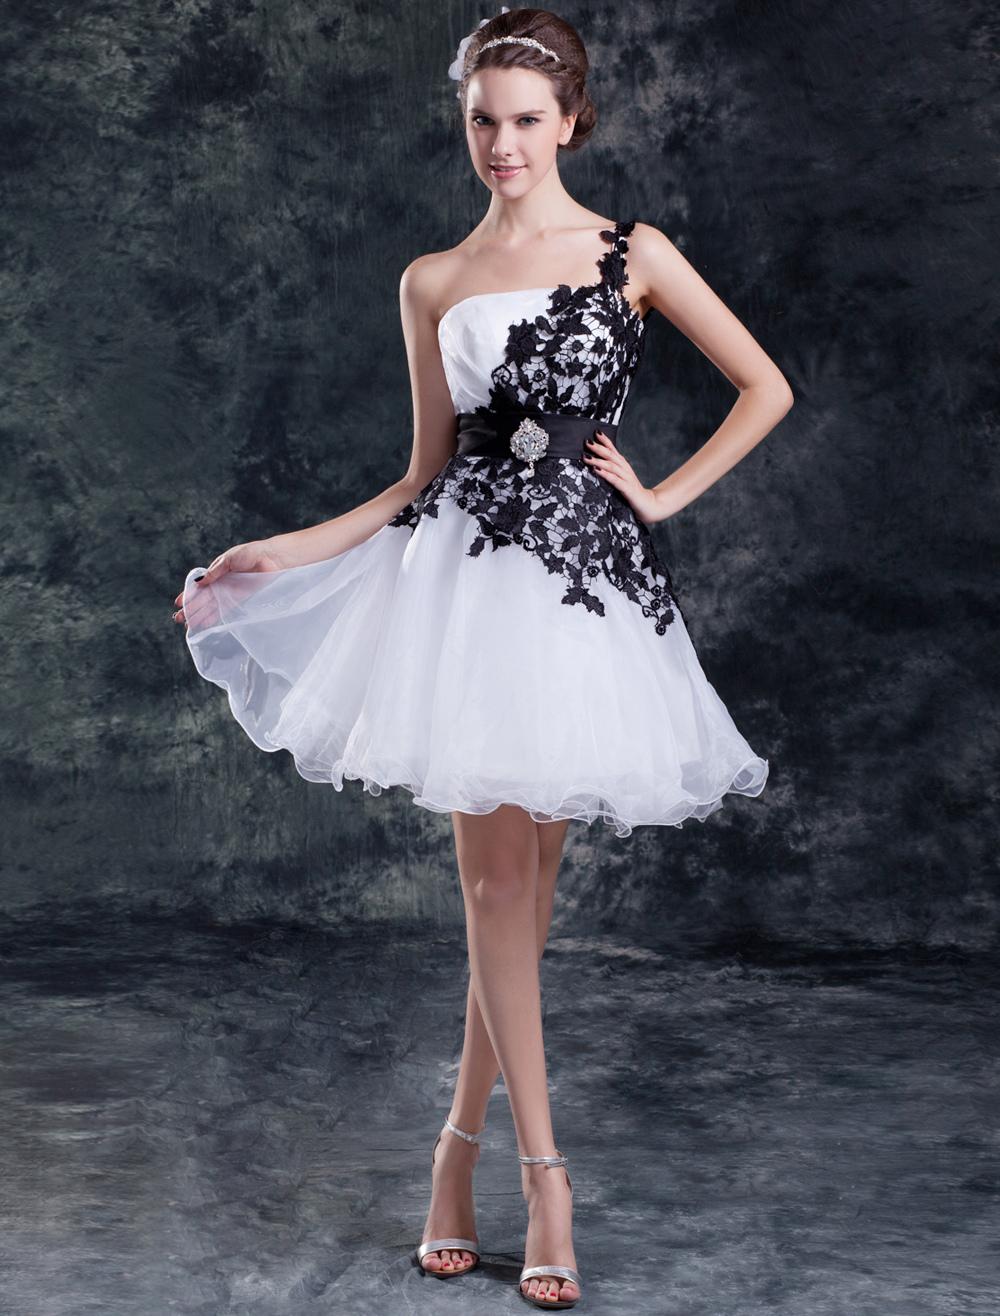 Abito da sposa bianco organza monospalla vestito da ballo corto/mini ...